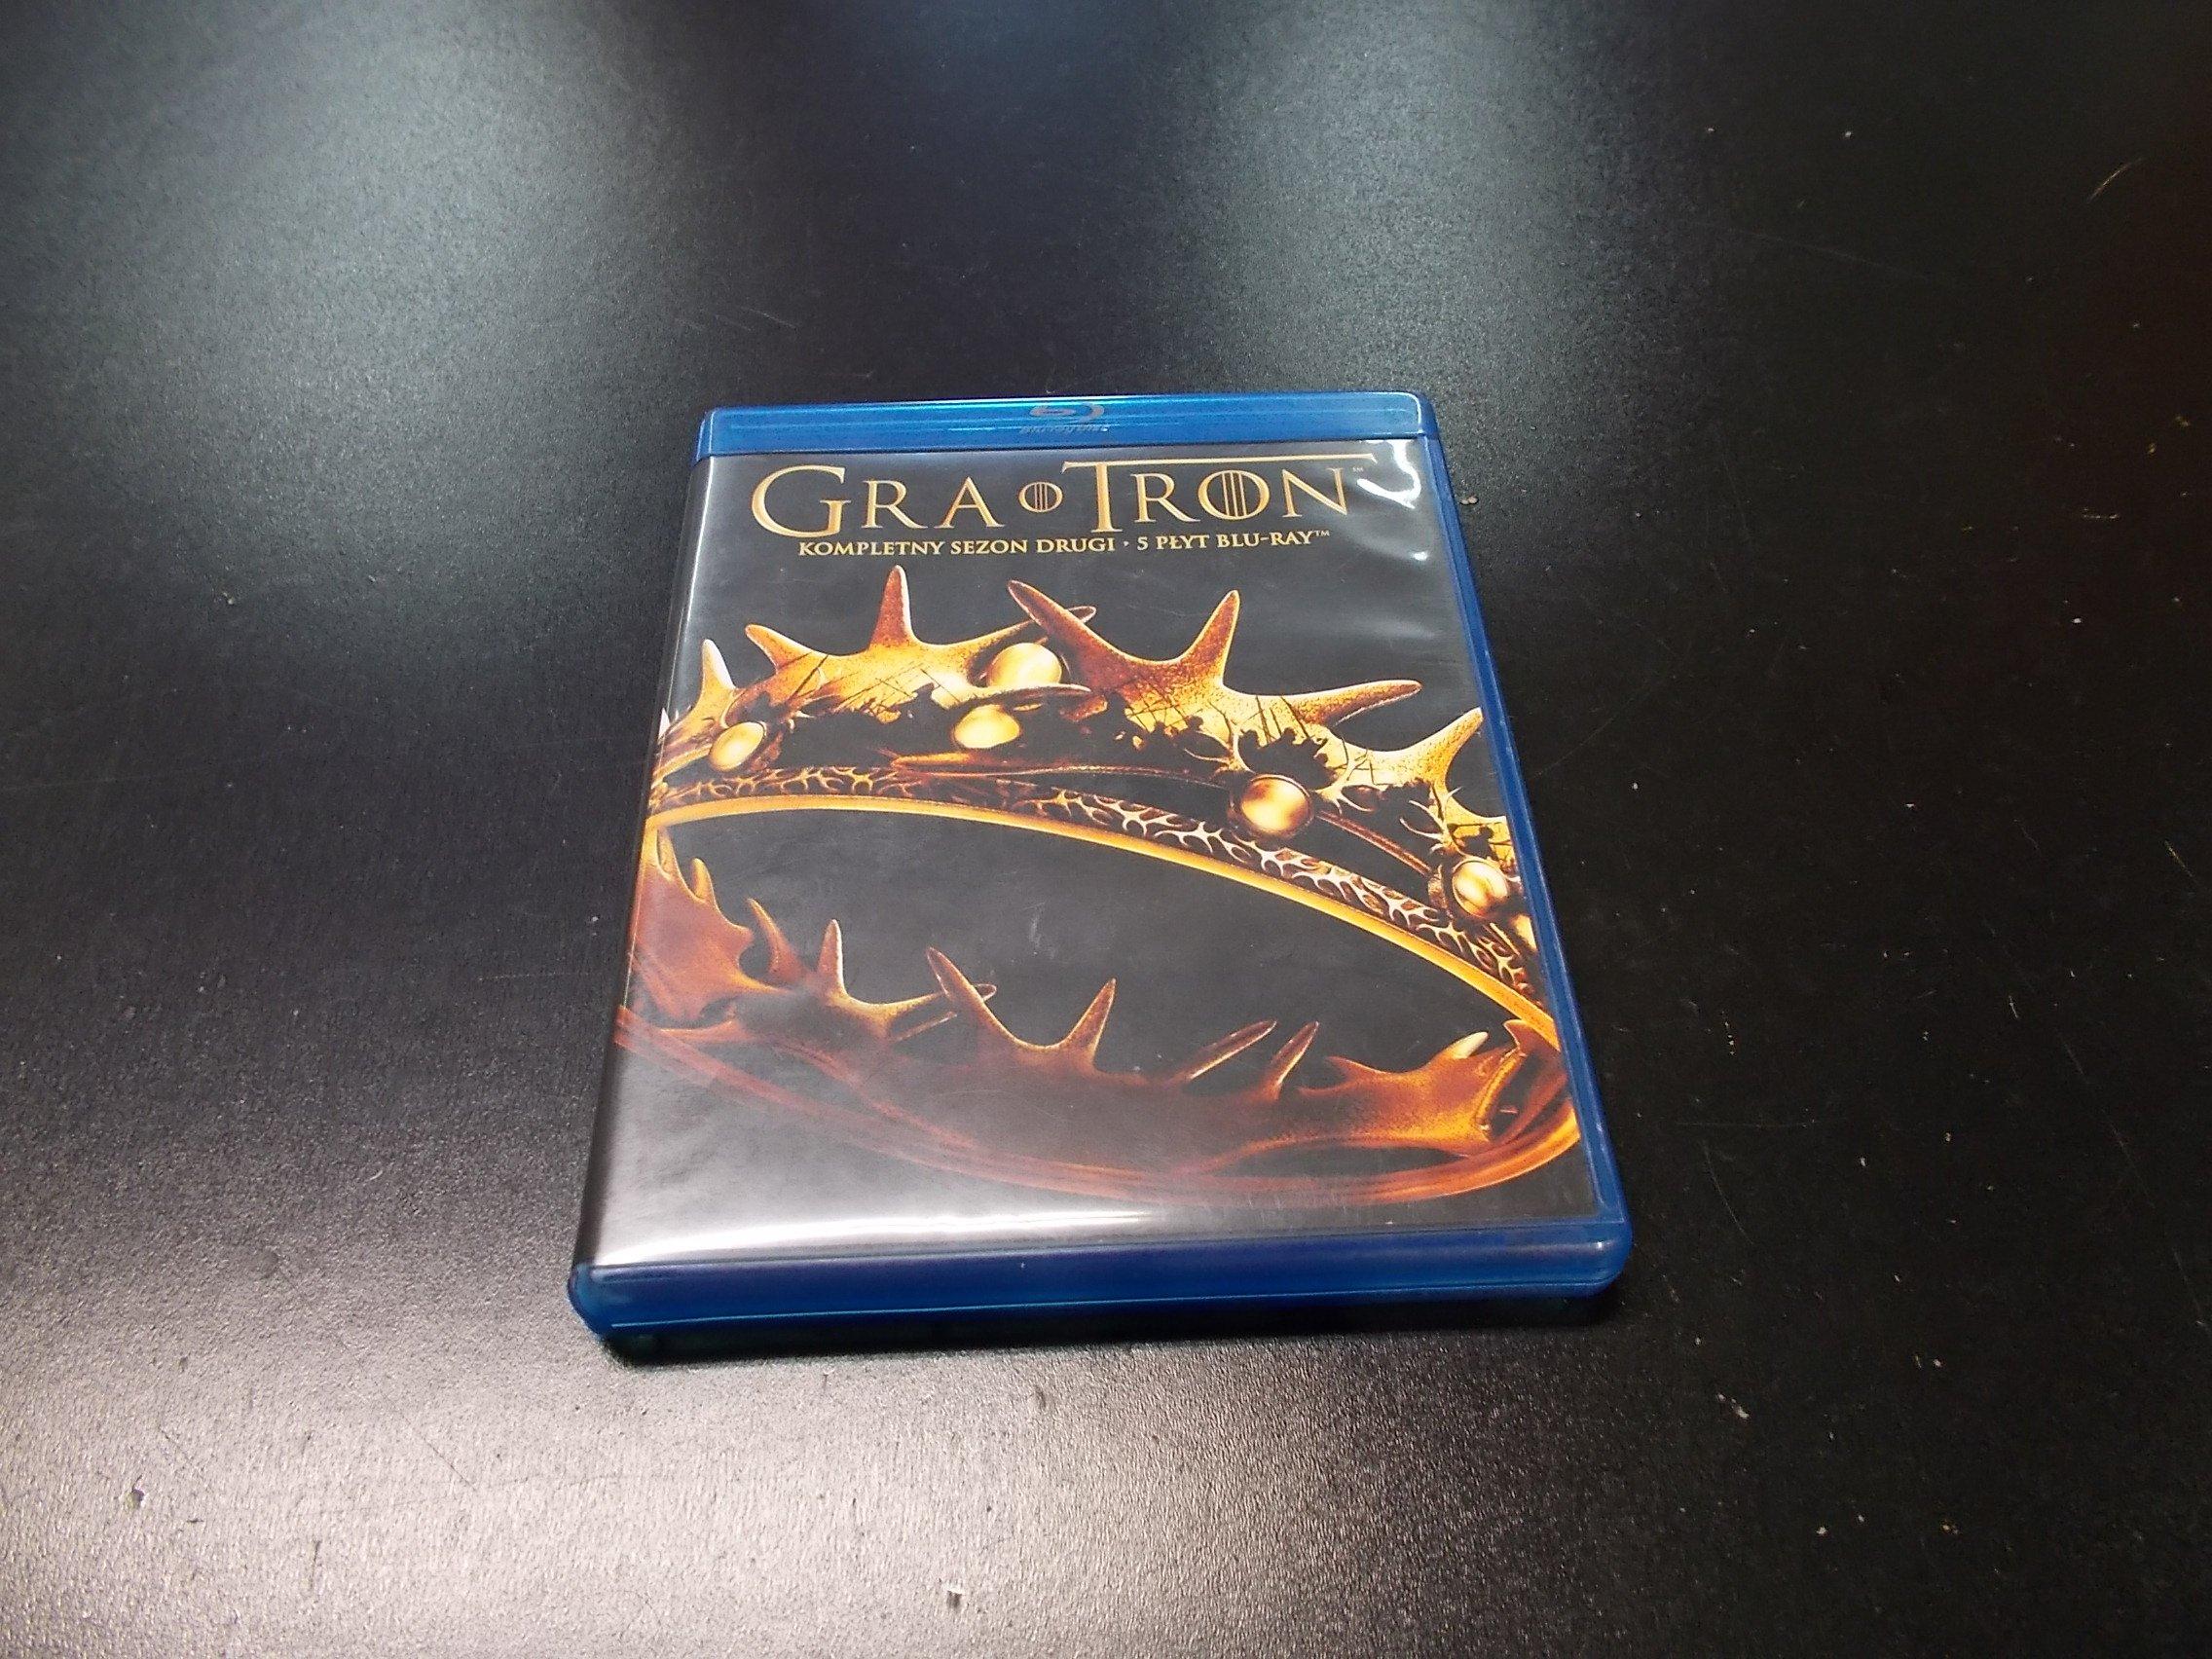 Gra O Tron - Game Of Thrones Sezon 2 PL - 5 Blu-Ray - Sklep